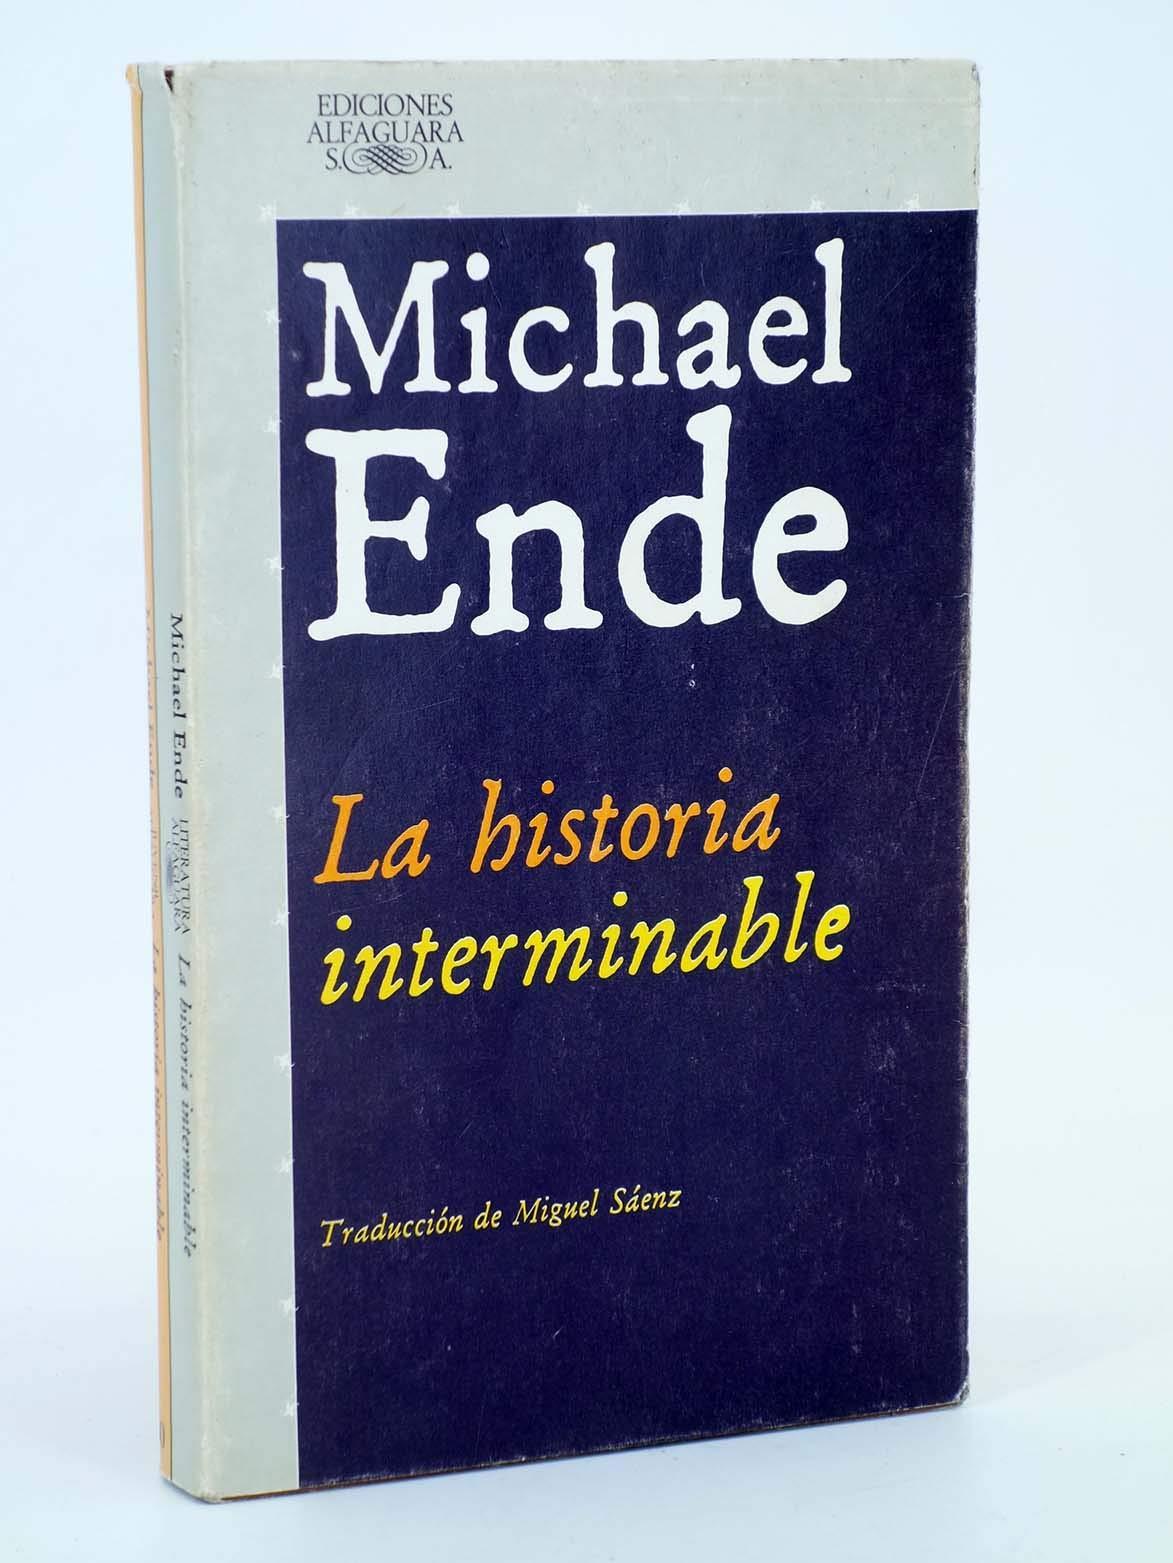 La historia interminable: de la A a la Z: Amazon.es: Michael. ENDE: Libros